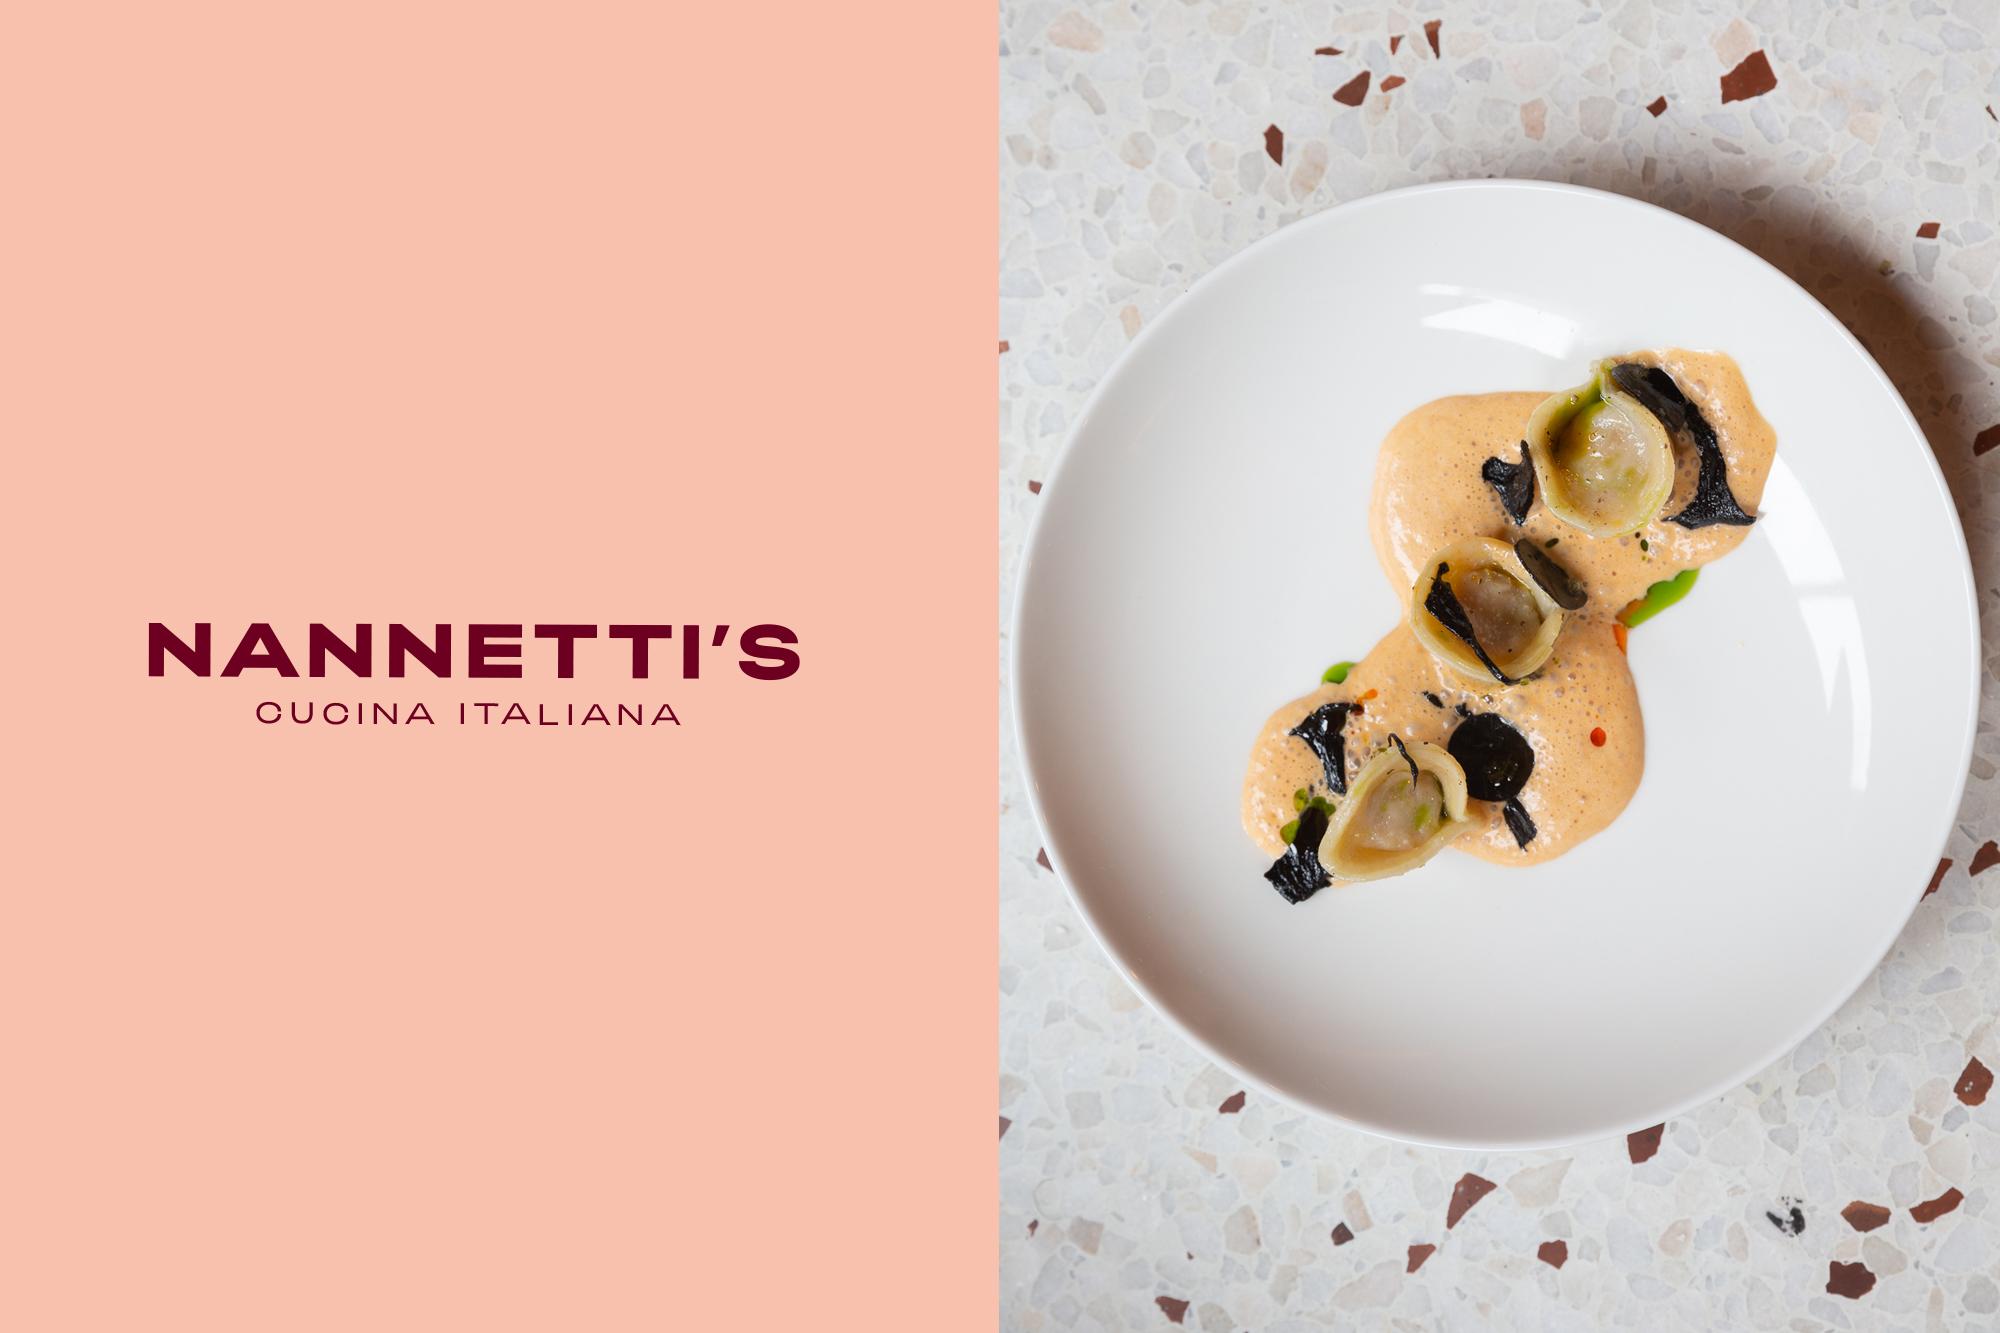 Cover image: Nannetti's